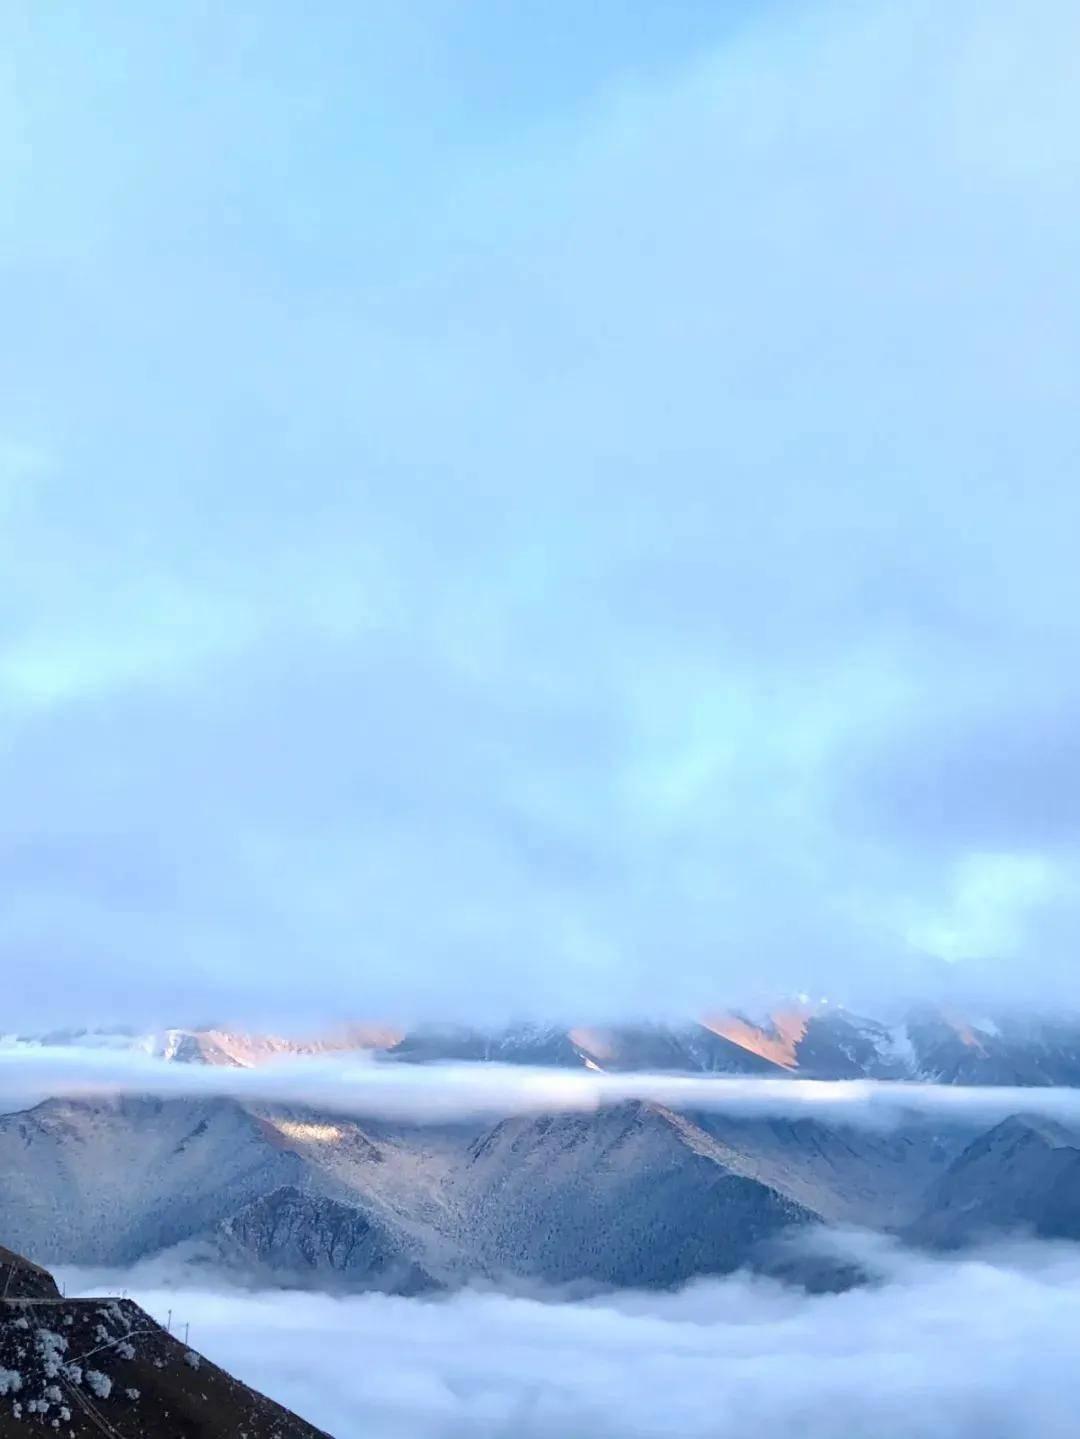 周末去哪儿丨冰川、温泉、星空……川西冬日游怎么玩不踩雷!